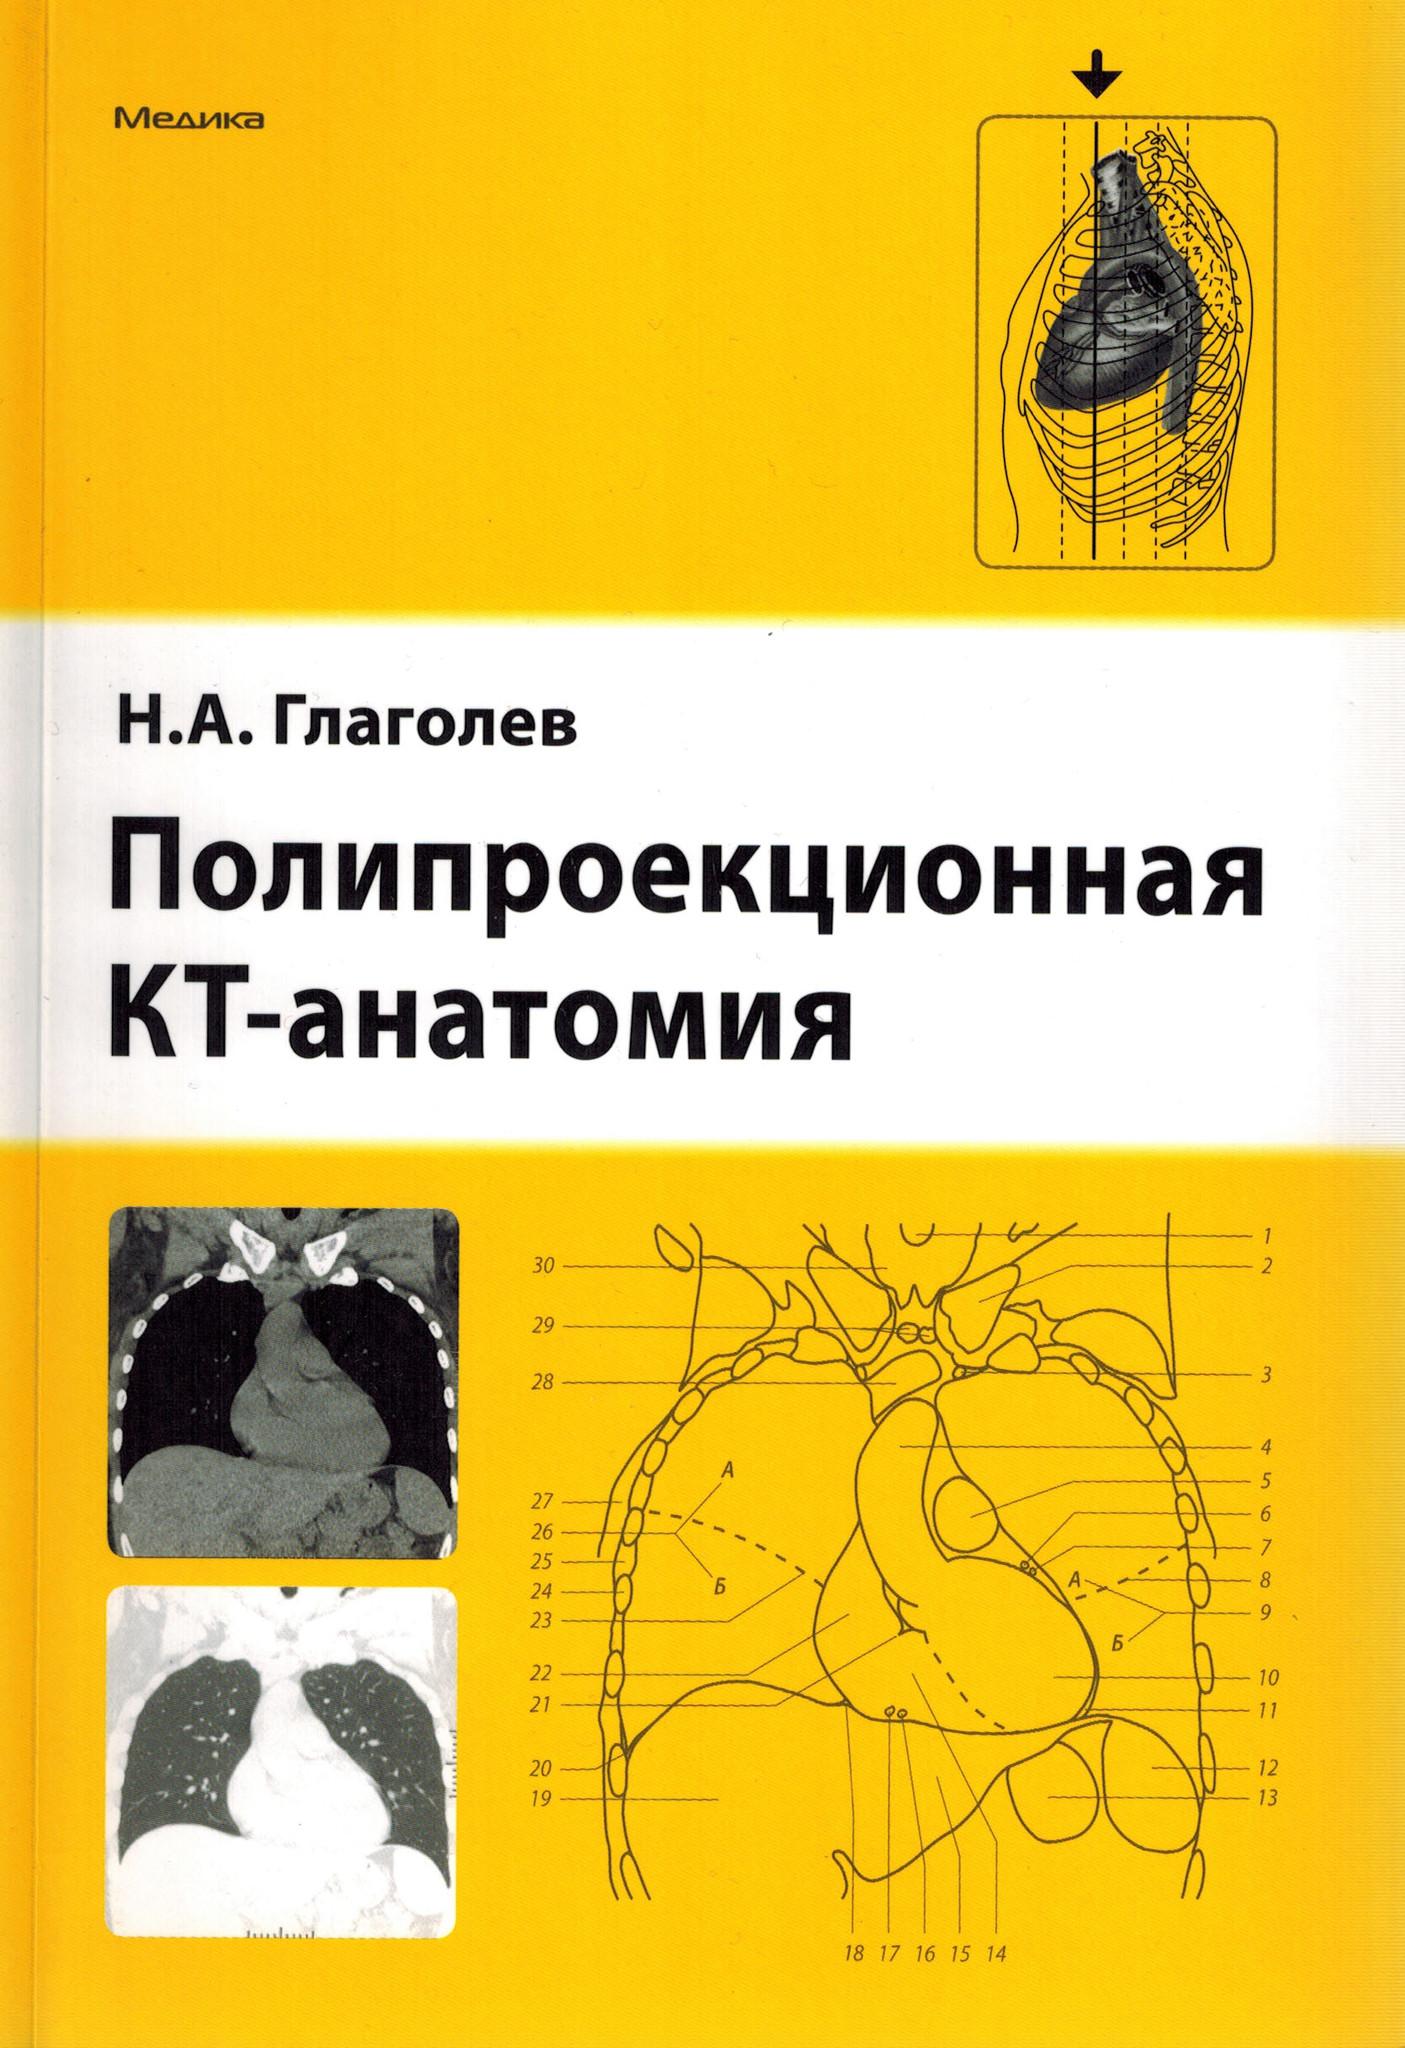 Каталог Полипроекционная КТ-анатомия pp_0001.jpg